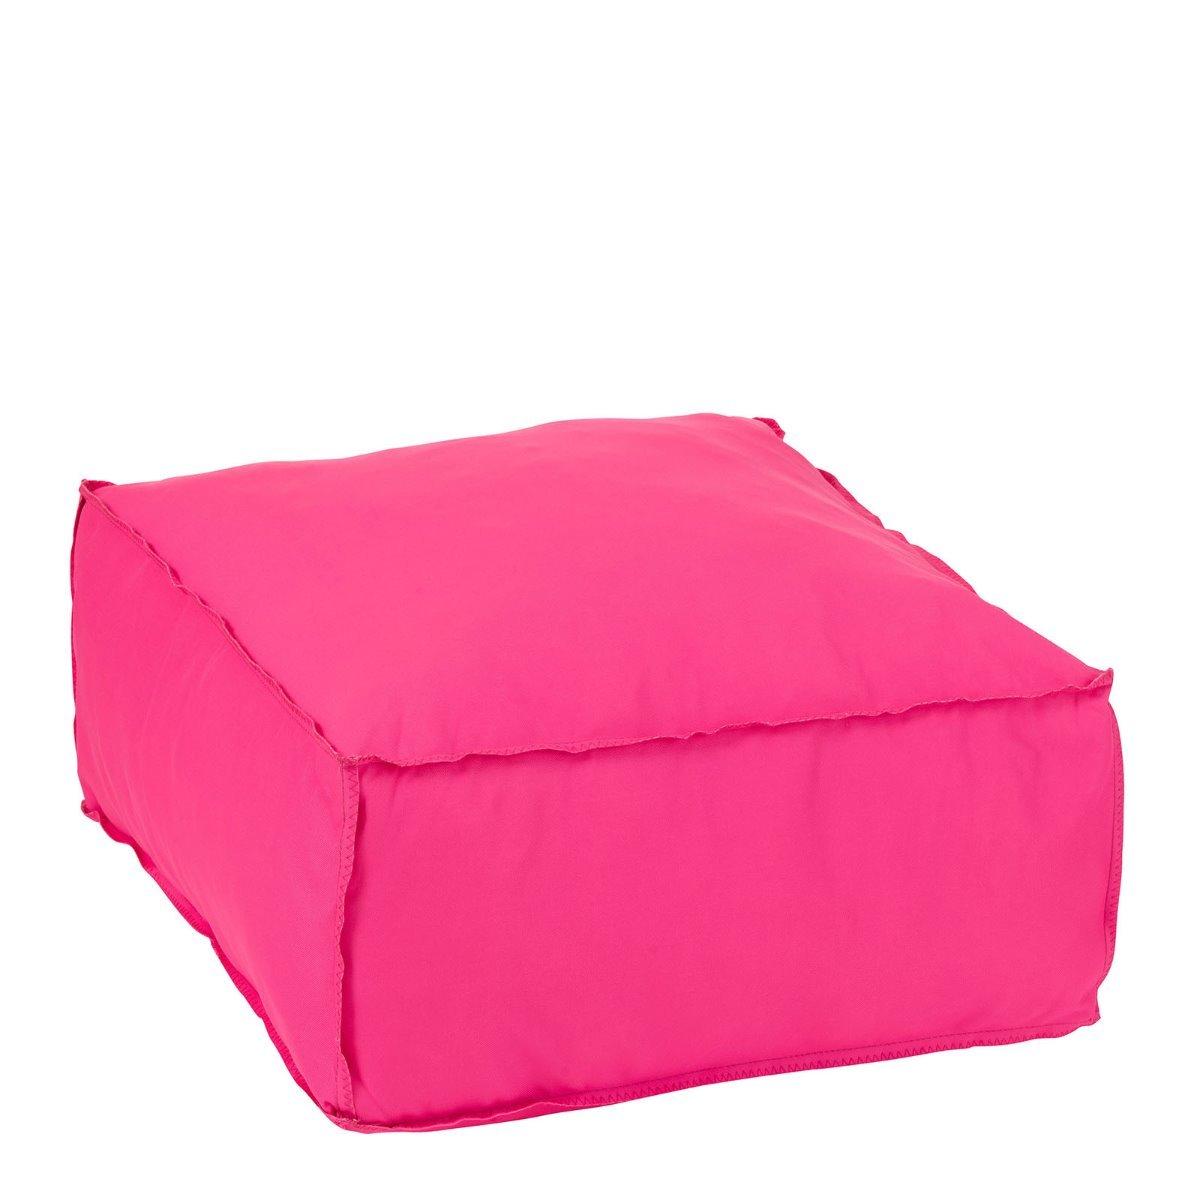 J-Line poef blok roze 28 x 60 x 60